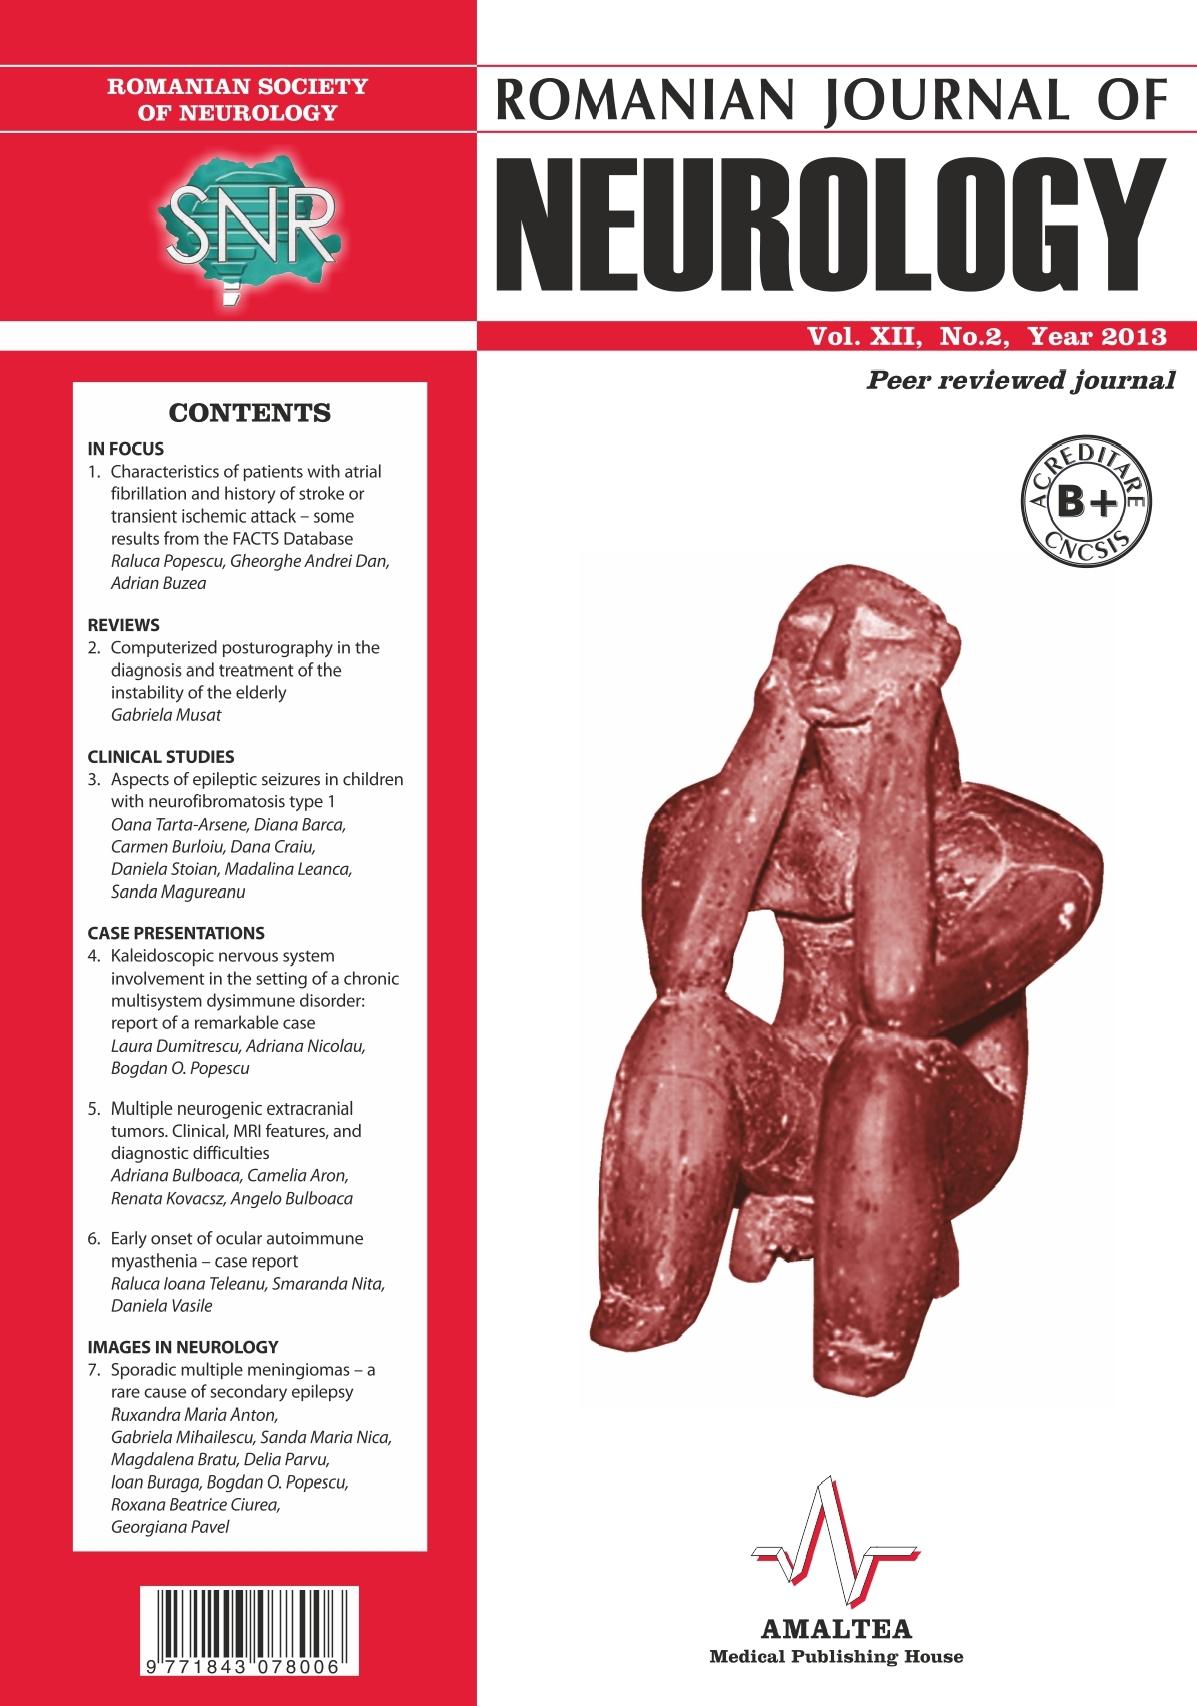 Romanian Journal of Neurology, Volume XII, No. 2, 2013